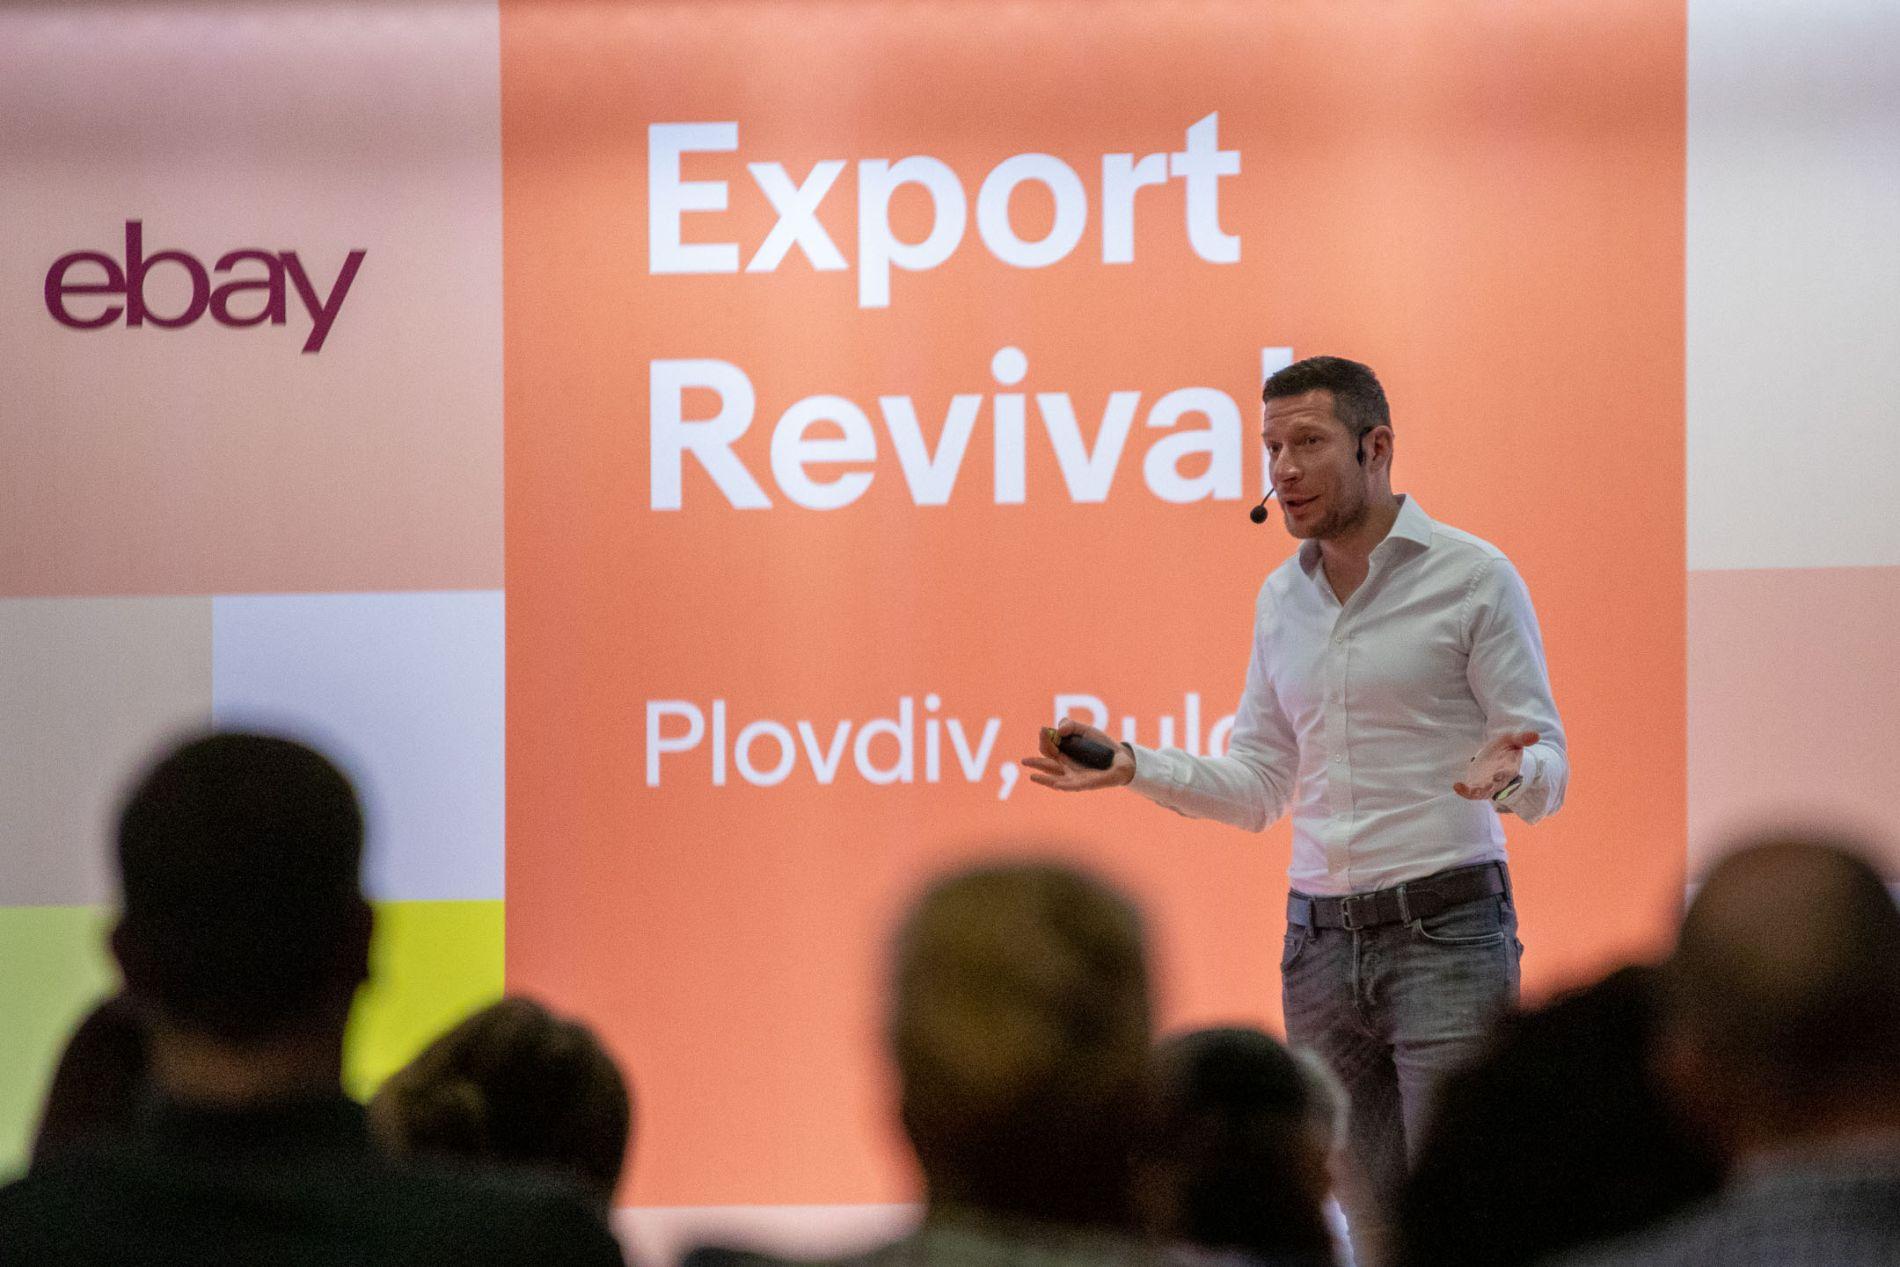 eBay стартира м Пловдив обучения за малки и средни предприятия с цел увеличаване на износа